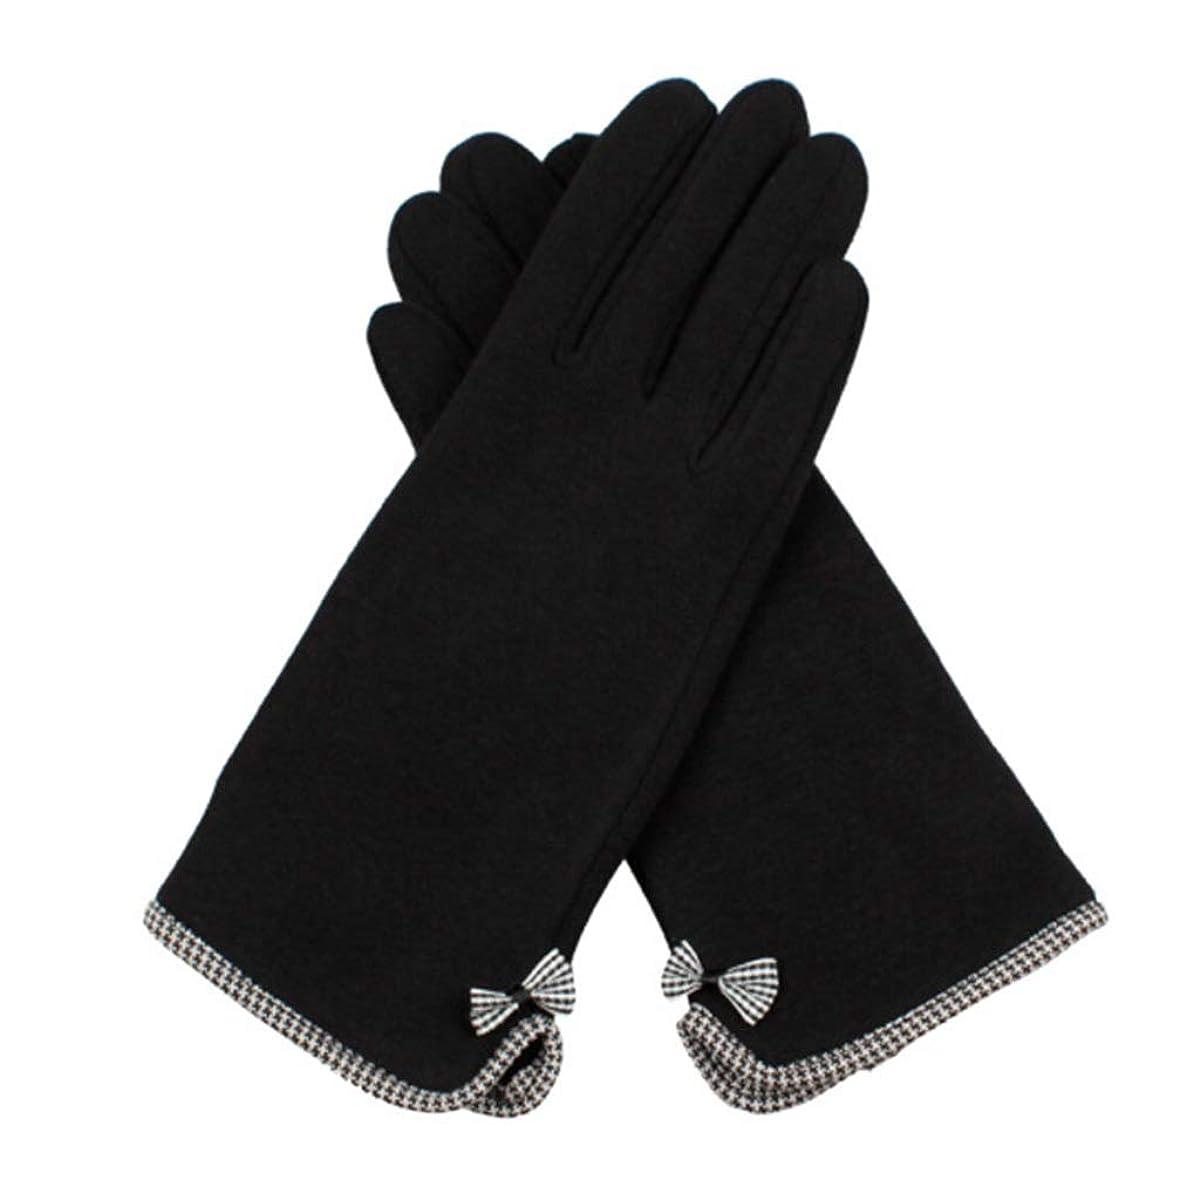 良さむき出しハーブ手袋女性の冬暖かい韓国語版蝶の結び目の学生ファッションスリムサイクリング運転女性の手袋 (色 : 黒)